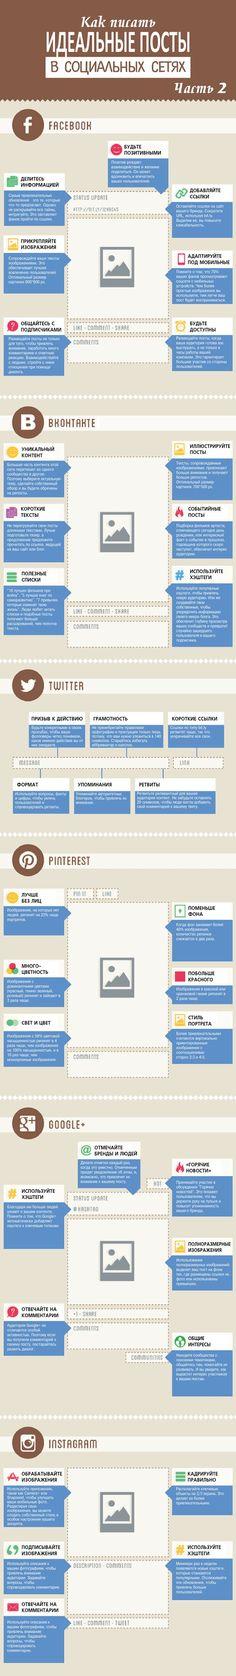 http://statictab.com/yxxo9wo КАК ПИСАТЬ ИДЕАЛЬНЫЕ ПОСТЫ В #SOCIAL MEDIA